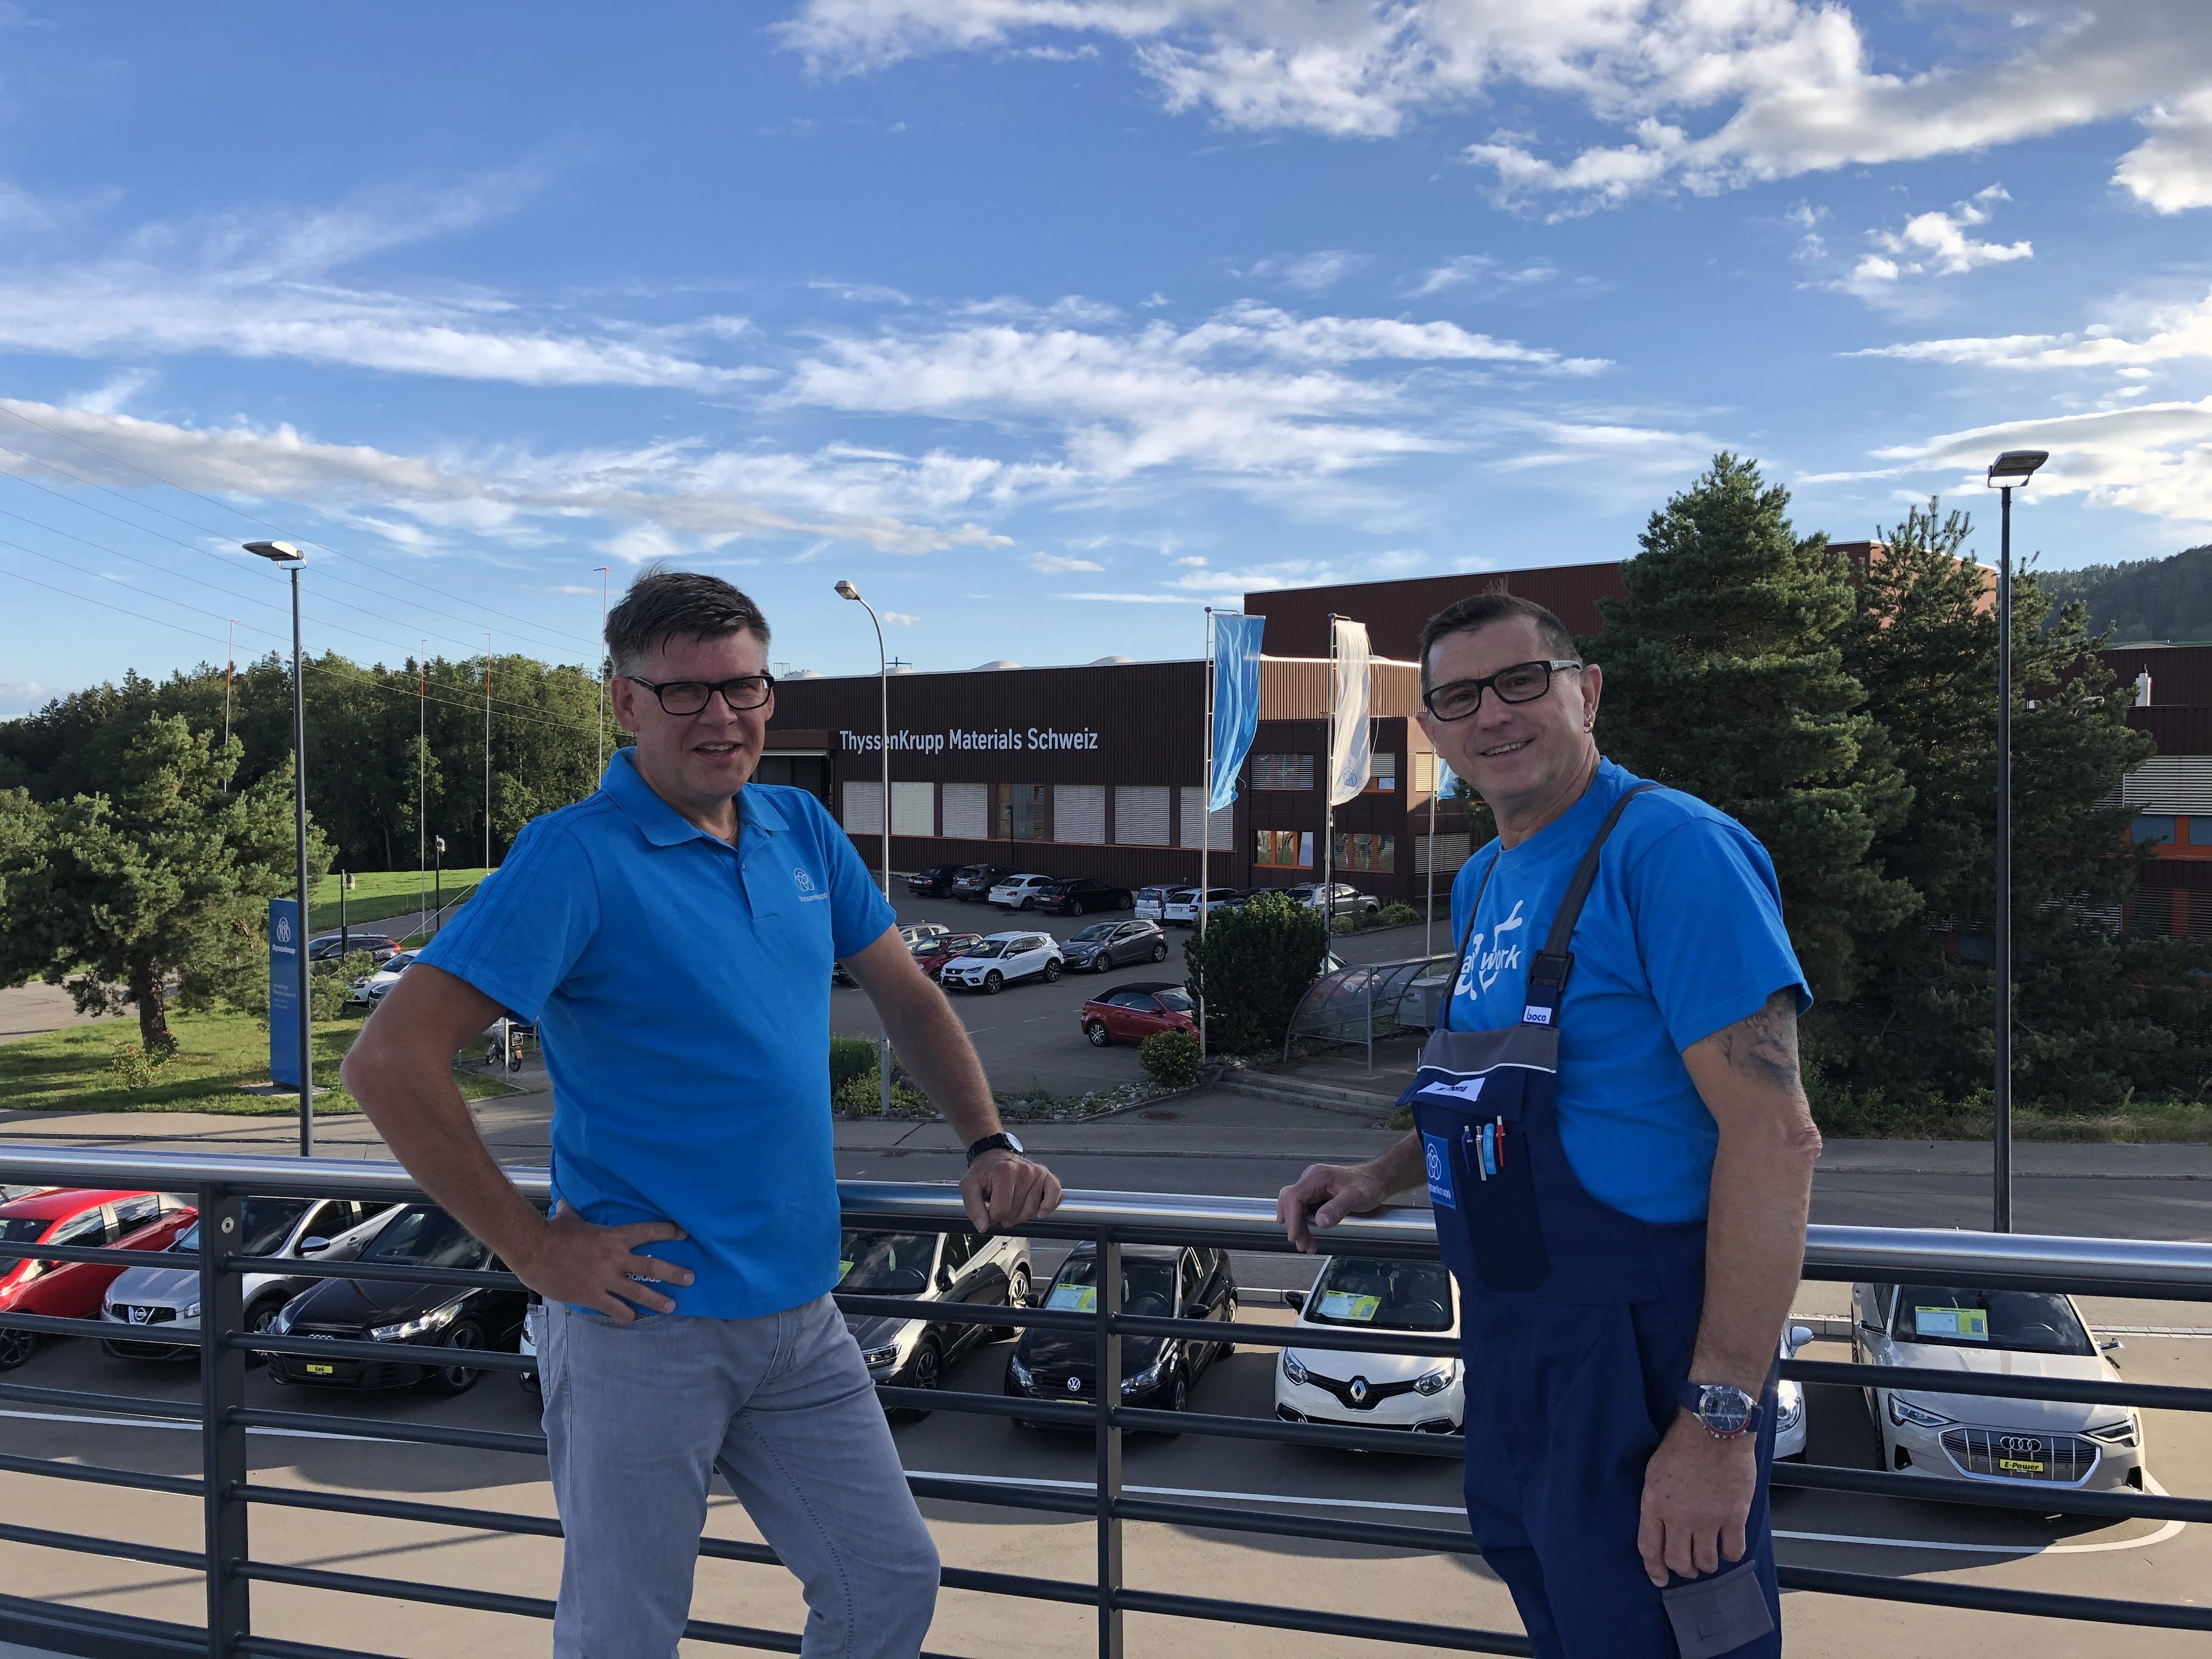 20 Jahre bei thyssenkrupp - Peter Alpert und Walter Thoma